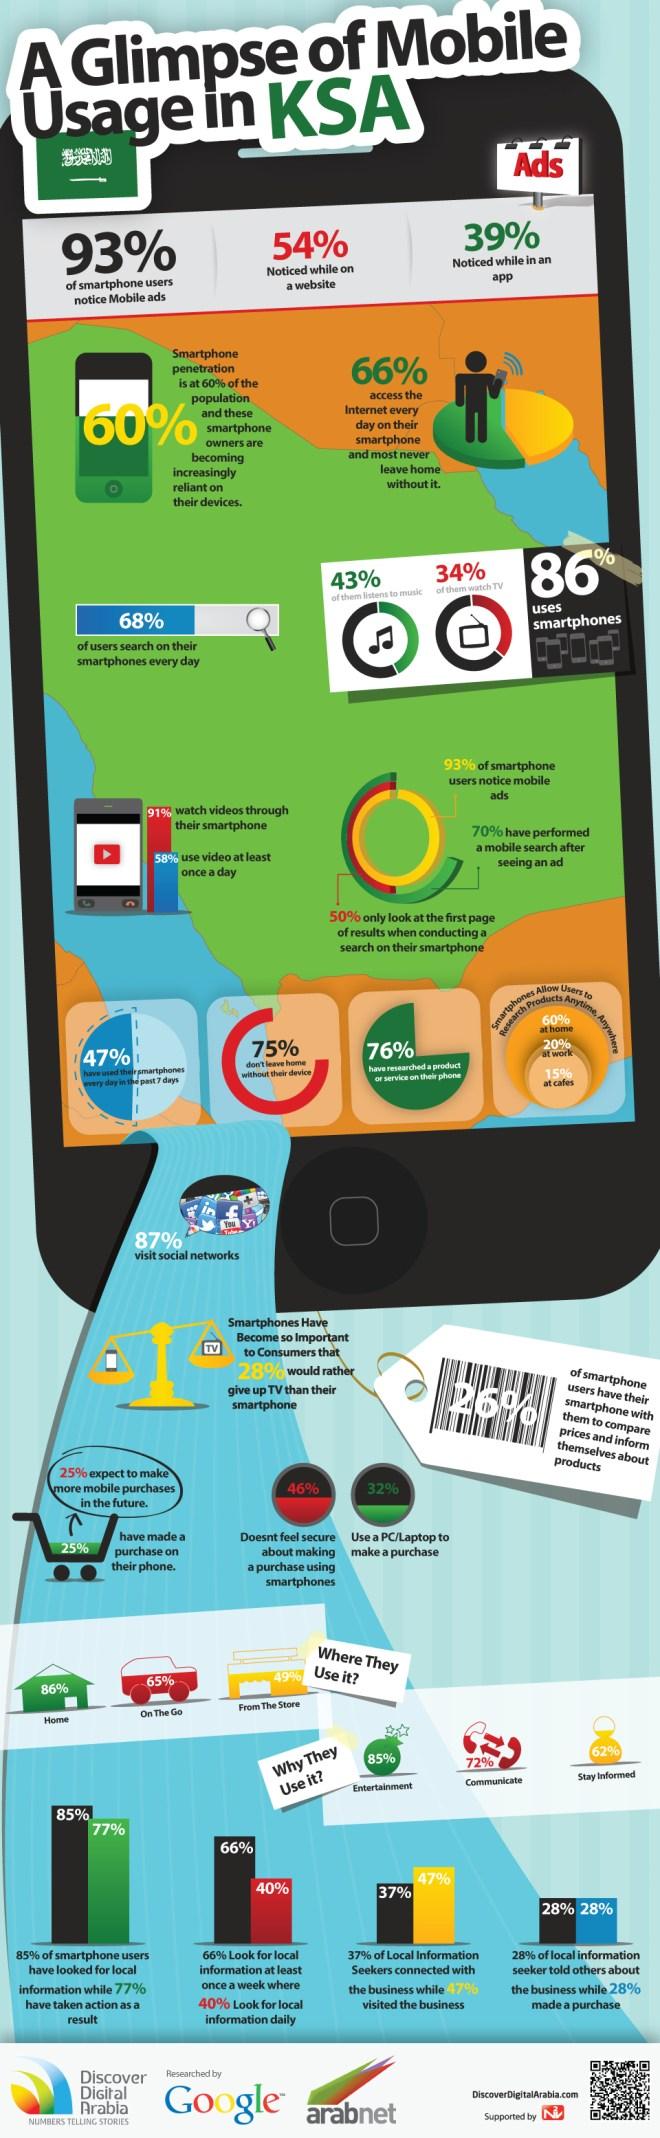 احصائيات استخدام الهواتف الذكية السعودية